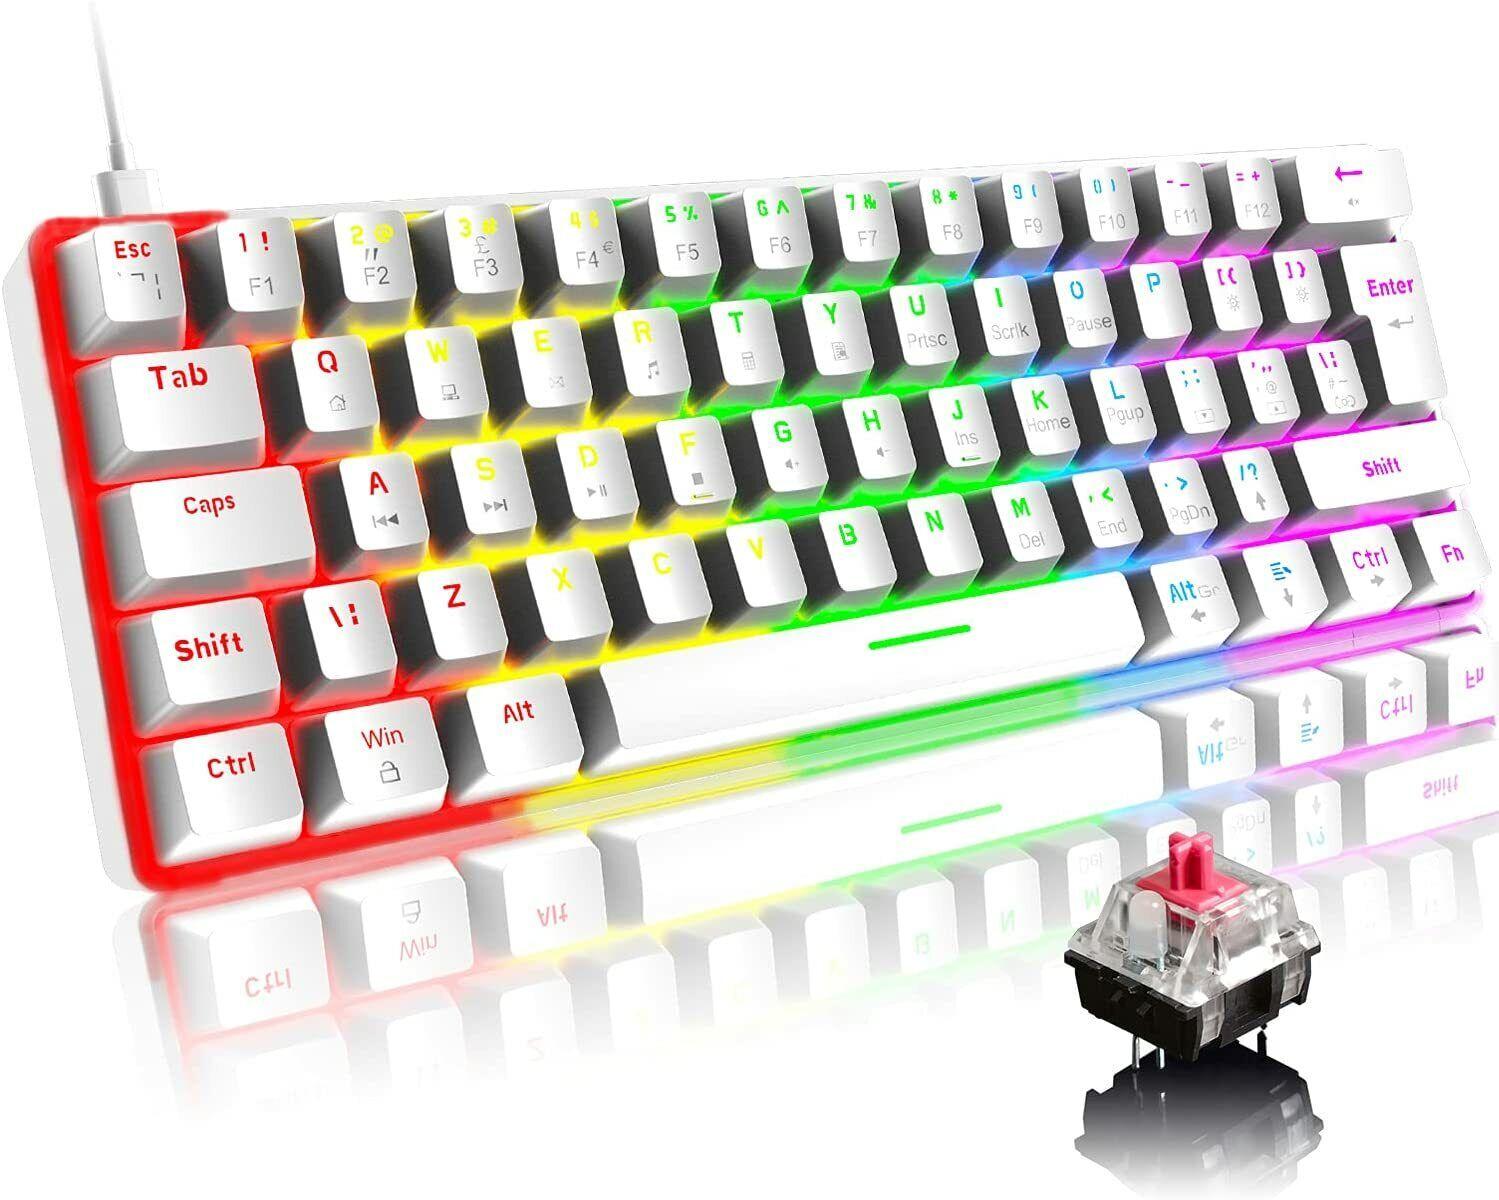 UK Layout Wired Gaming Keyboard 61 Keys Mechanical Keypad 19 RGB Chroma Backlit